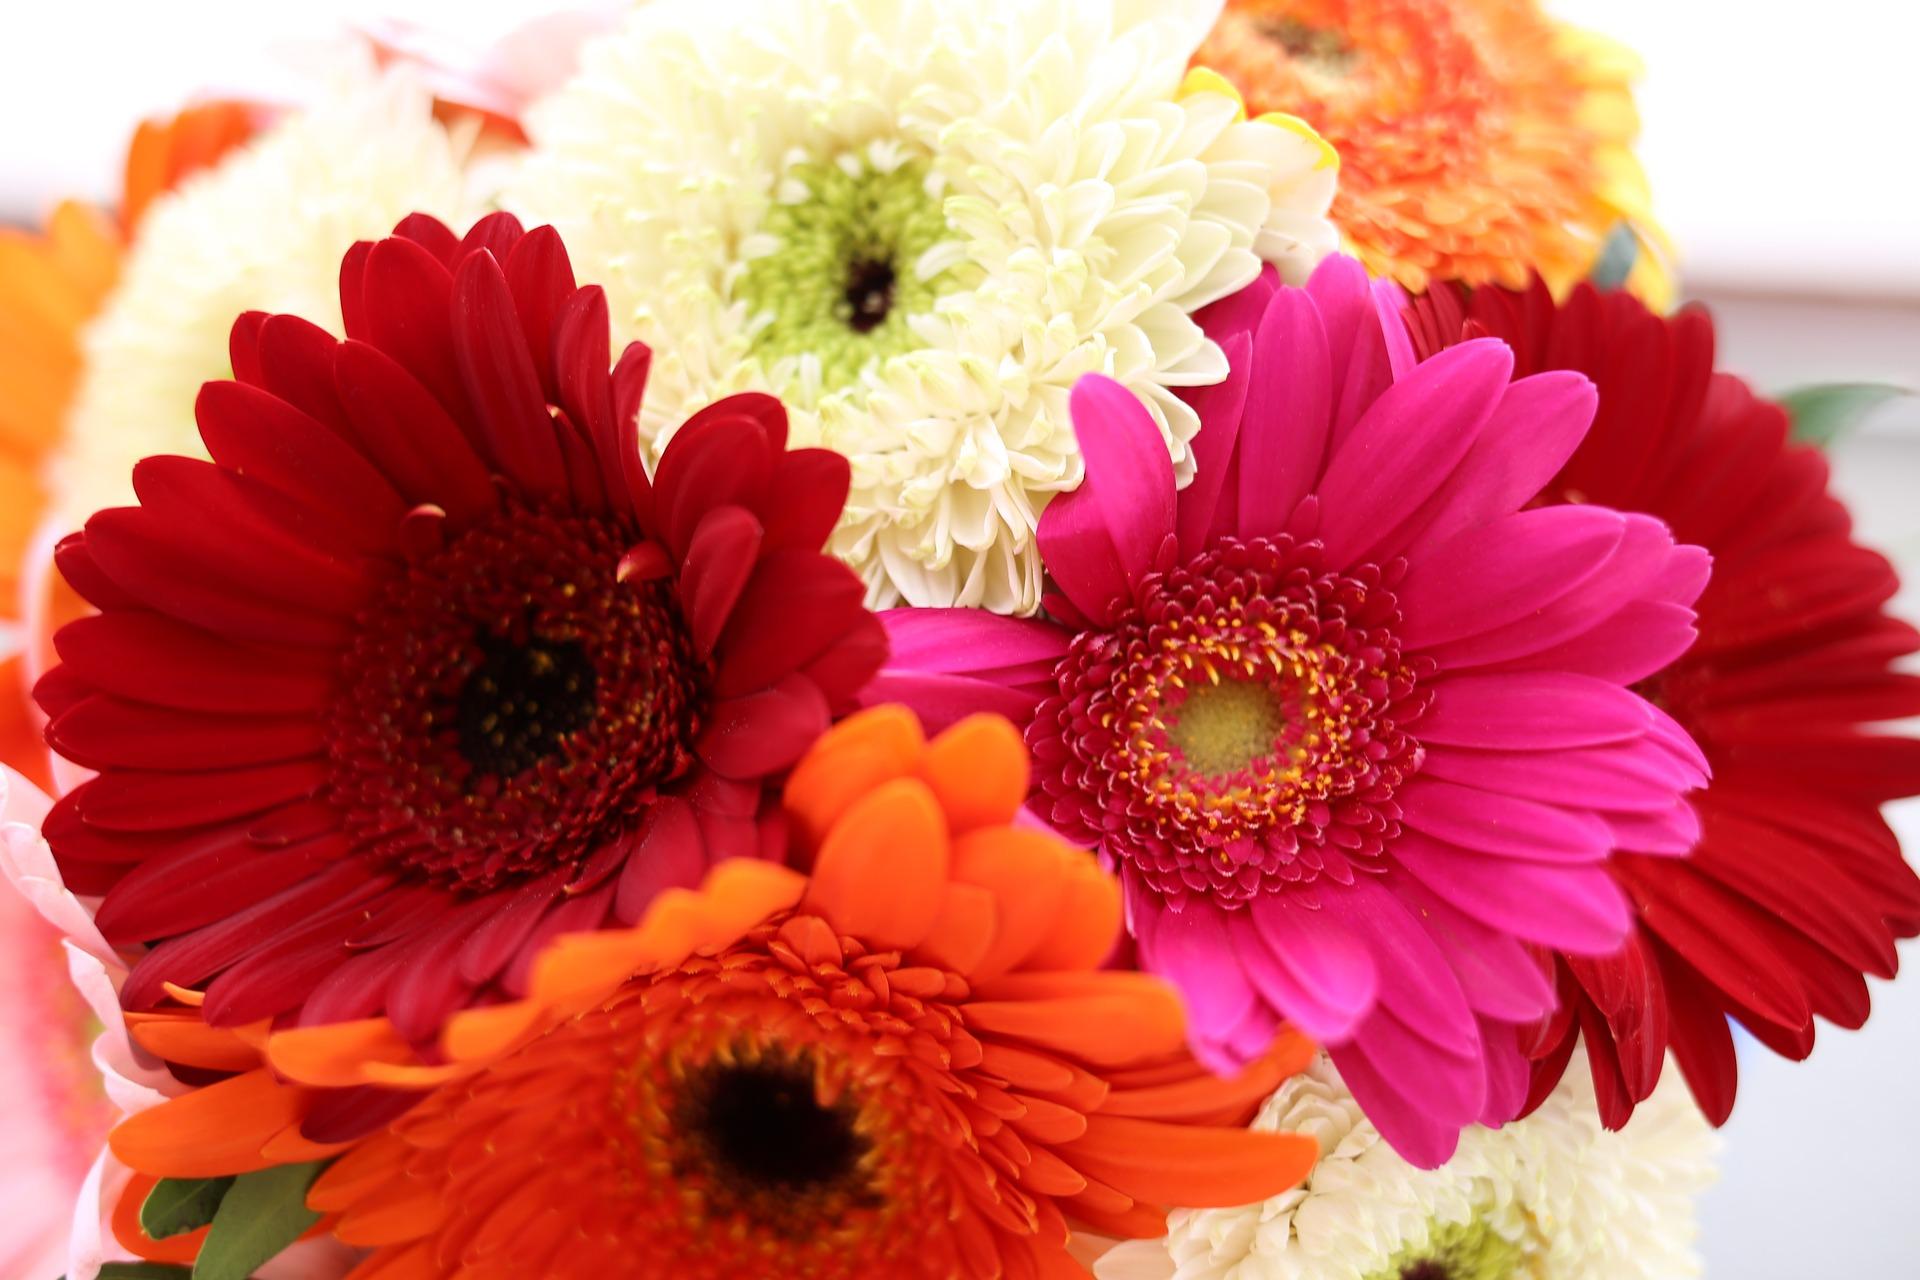 11月の誕生花のご紹介 ~陽気で明るい雰囲気の花ガーベラ~